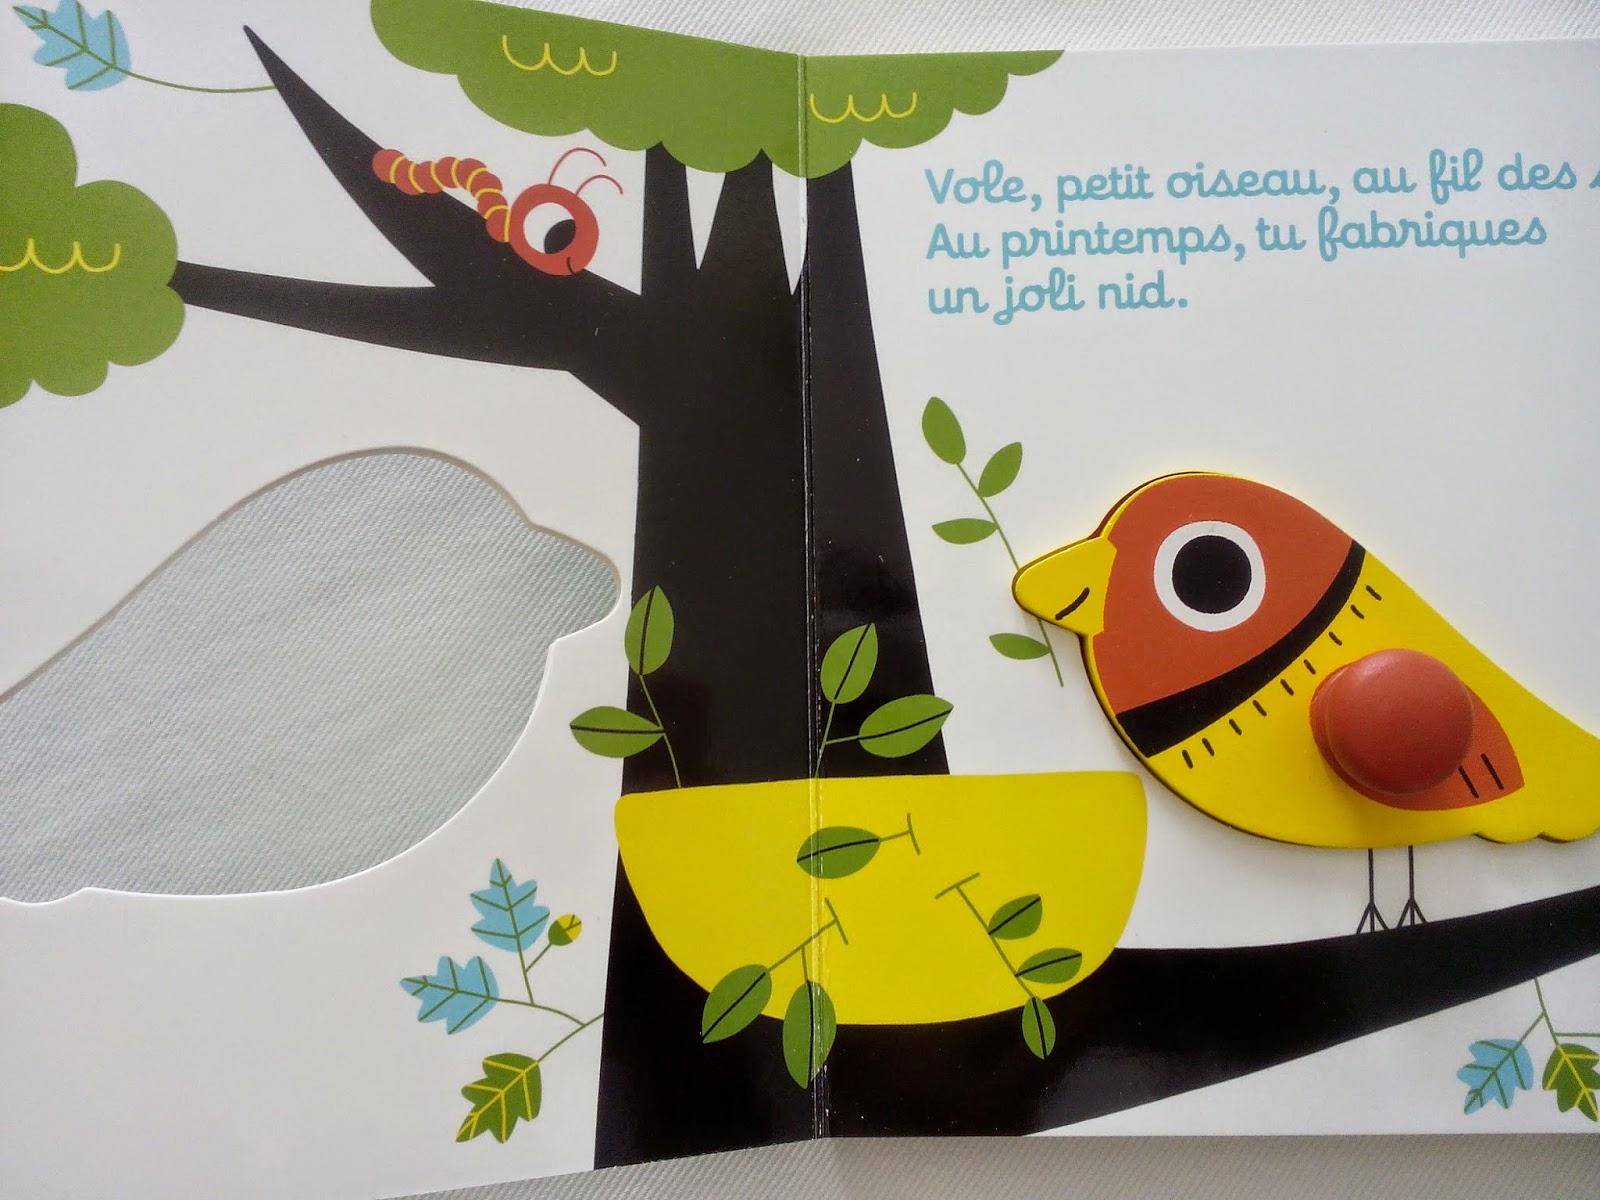 Sous Le Feuillage: Vole, Petit Oiseau ! - Trotte Souris avec Vol Petit Oiseau